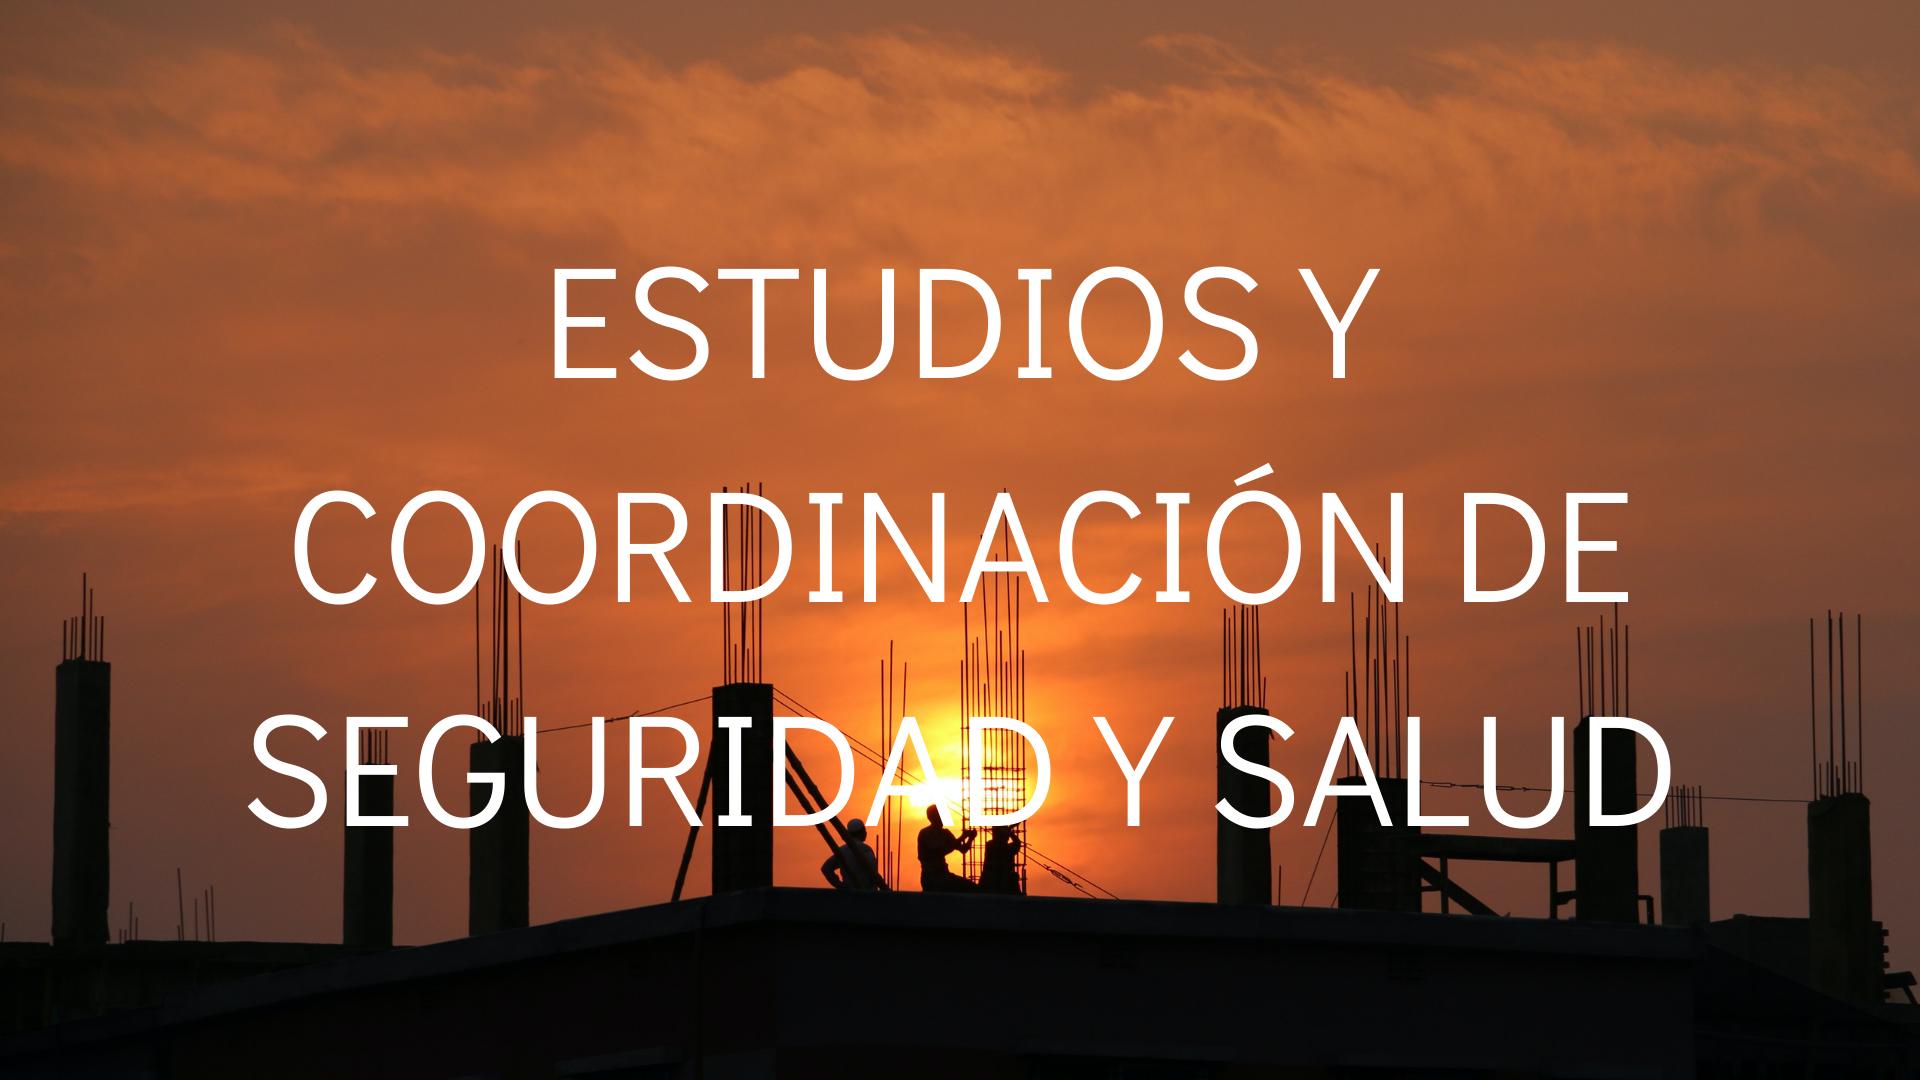 Estudios y Coordinación de Seguridad y salud Cádiz